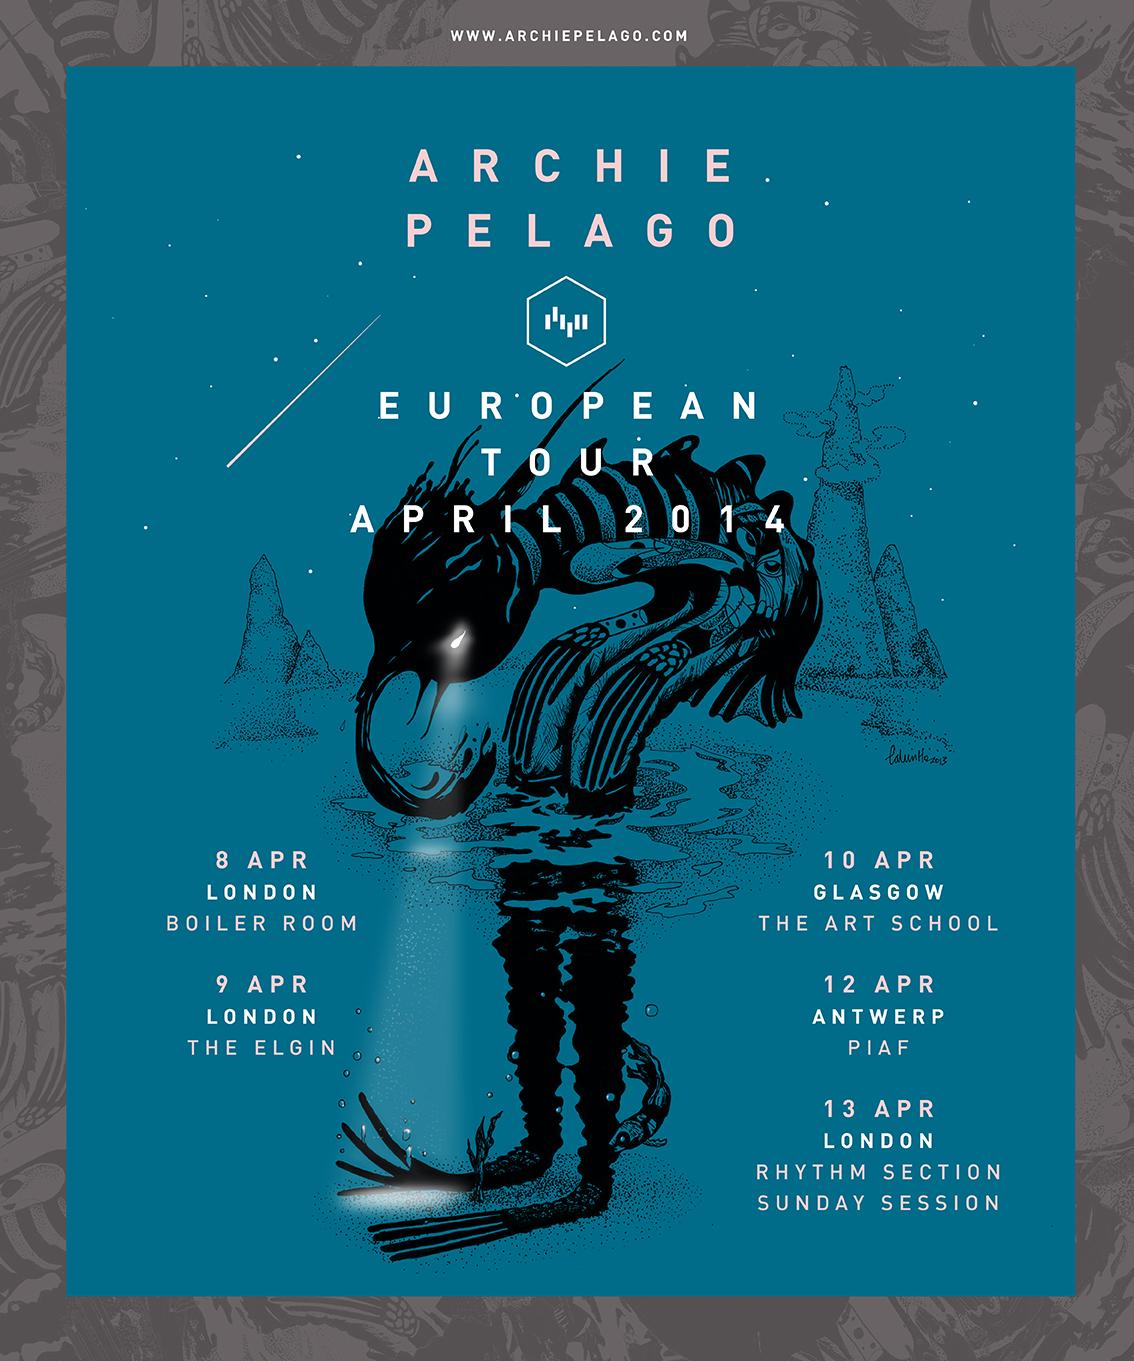 archie_pelago_eu_tour_2014